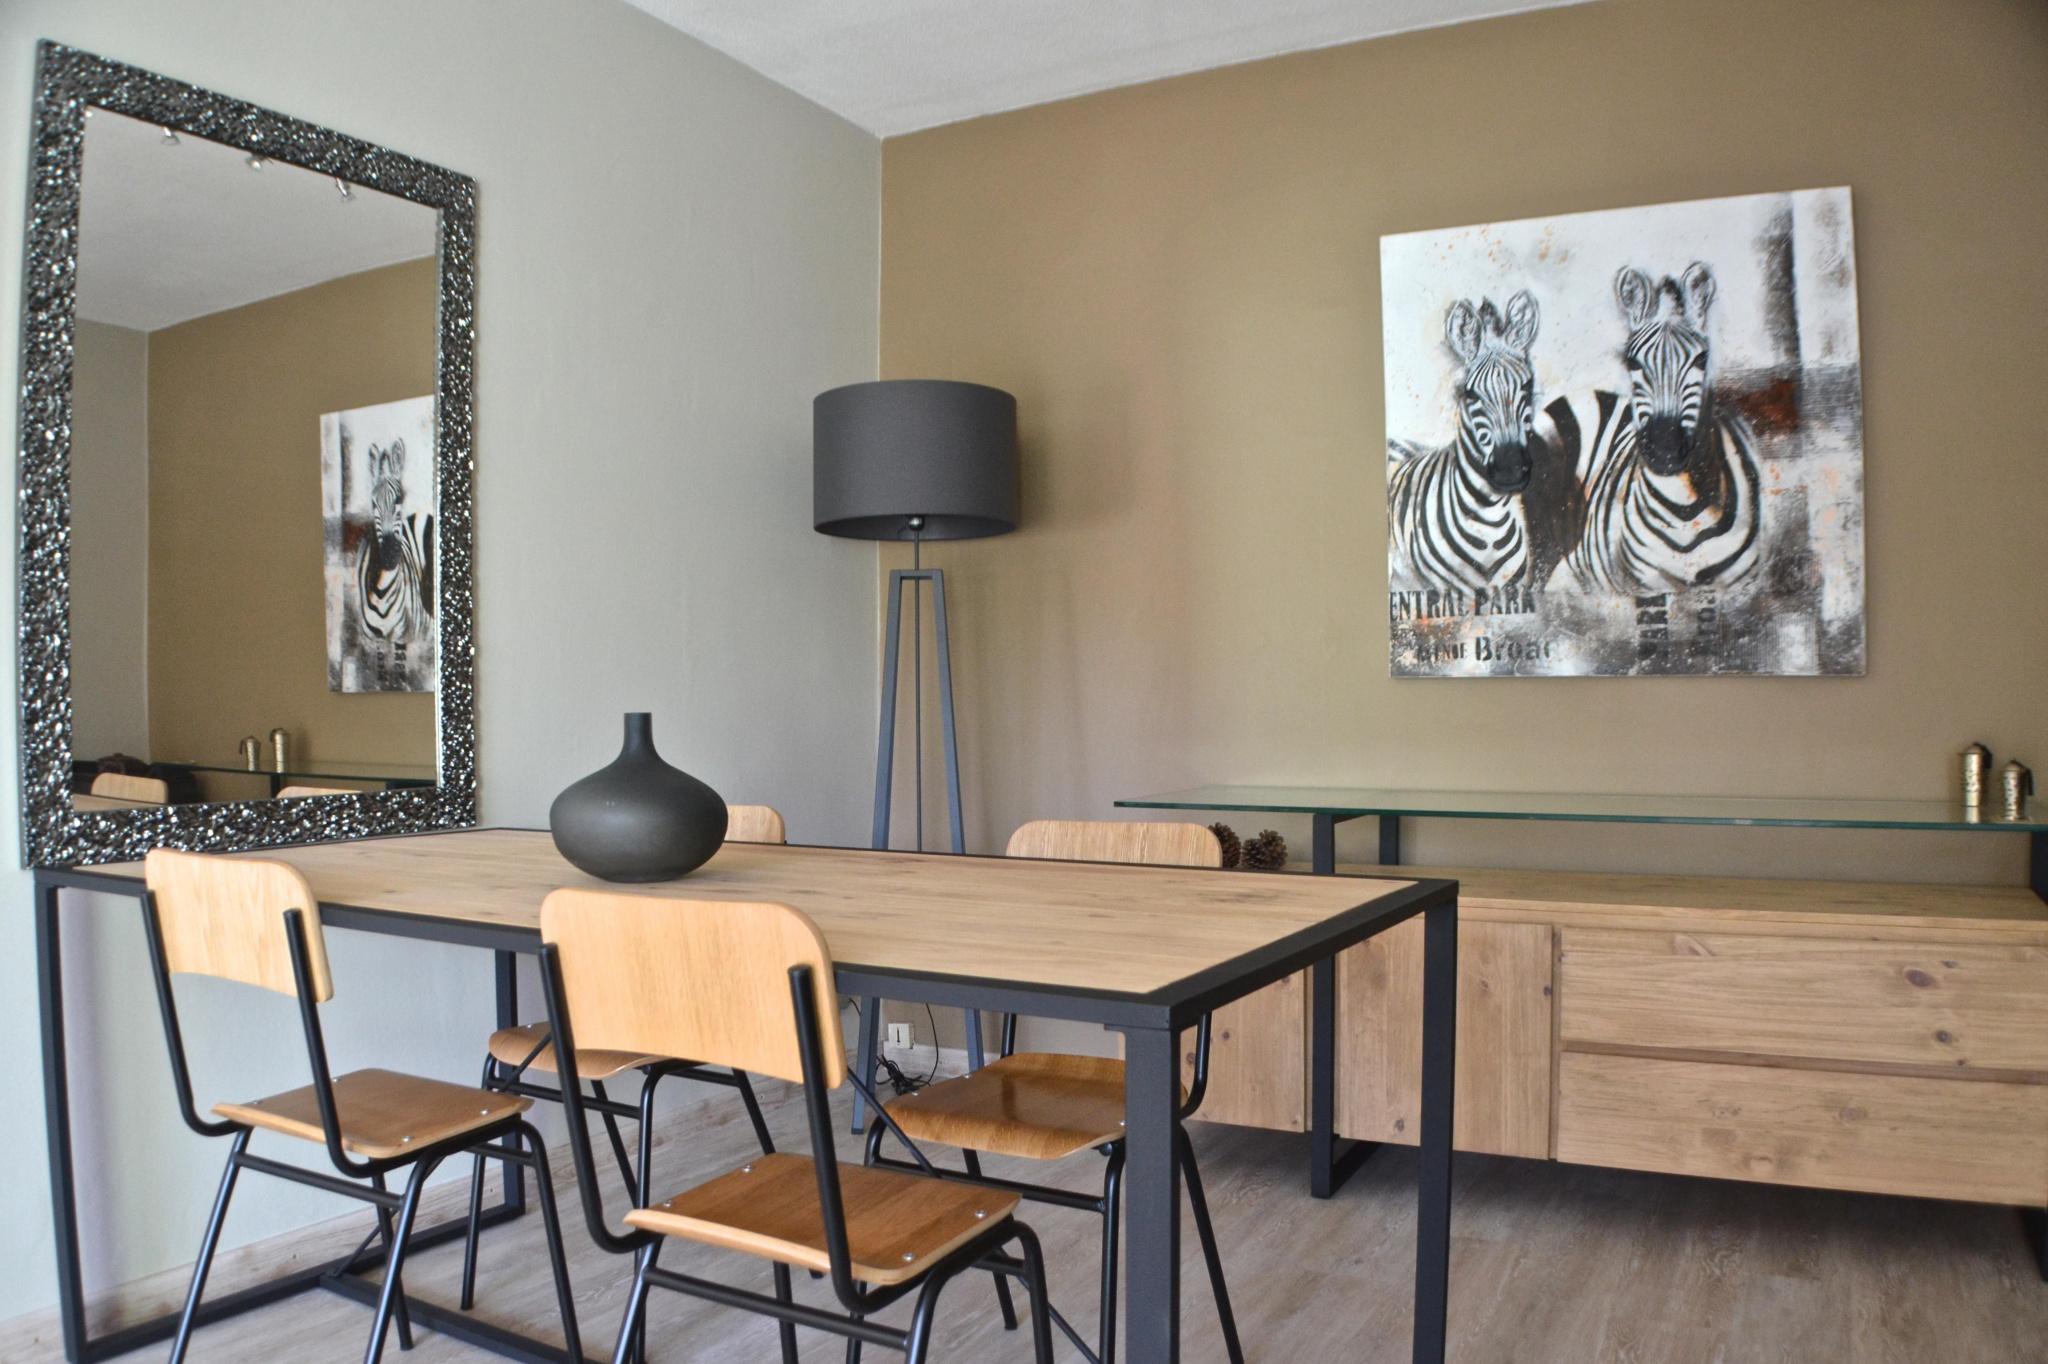 Situé aux portes de Biarritz, dans un environnment calme et verdoyant, ce bel appartement refait à neuf présente des prestations de qualité. L'entrée avec placard dessert une cuisine équipée, une salle d'eau avec wc, une chambre avec placards ainsi qu' un grand salon donnant sur une belle terrasse bien orientée et sans vis-à-vis.Une cave en rez-de-chaussée complète ce bien. A VISITER AVEC L'IMMOBILIERE BIARRITZ au 05.59.24.57.44.